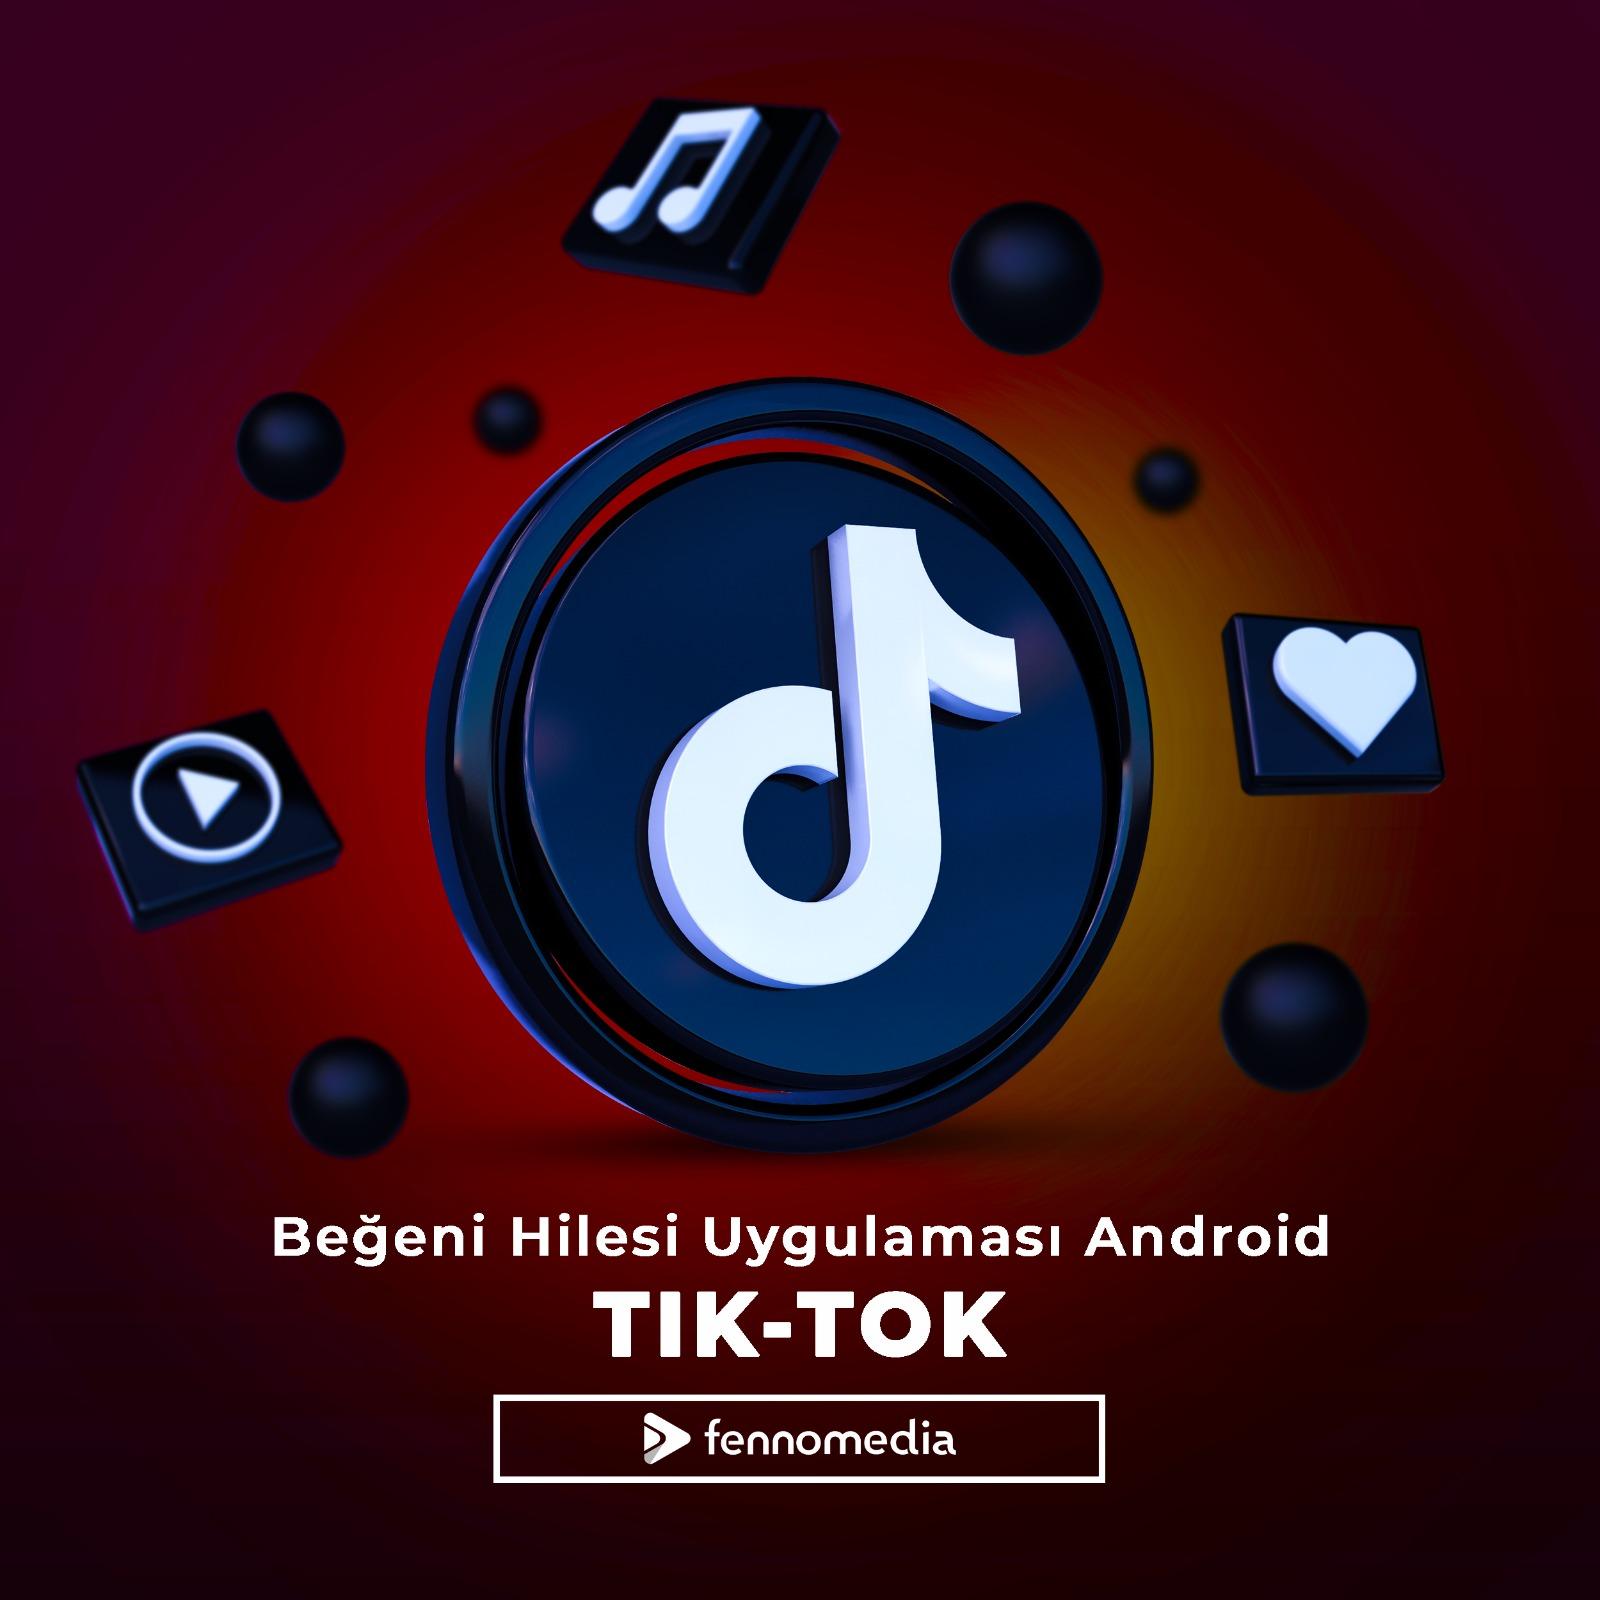 Tiktok beğeni hilesi uygulaması Android